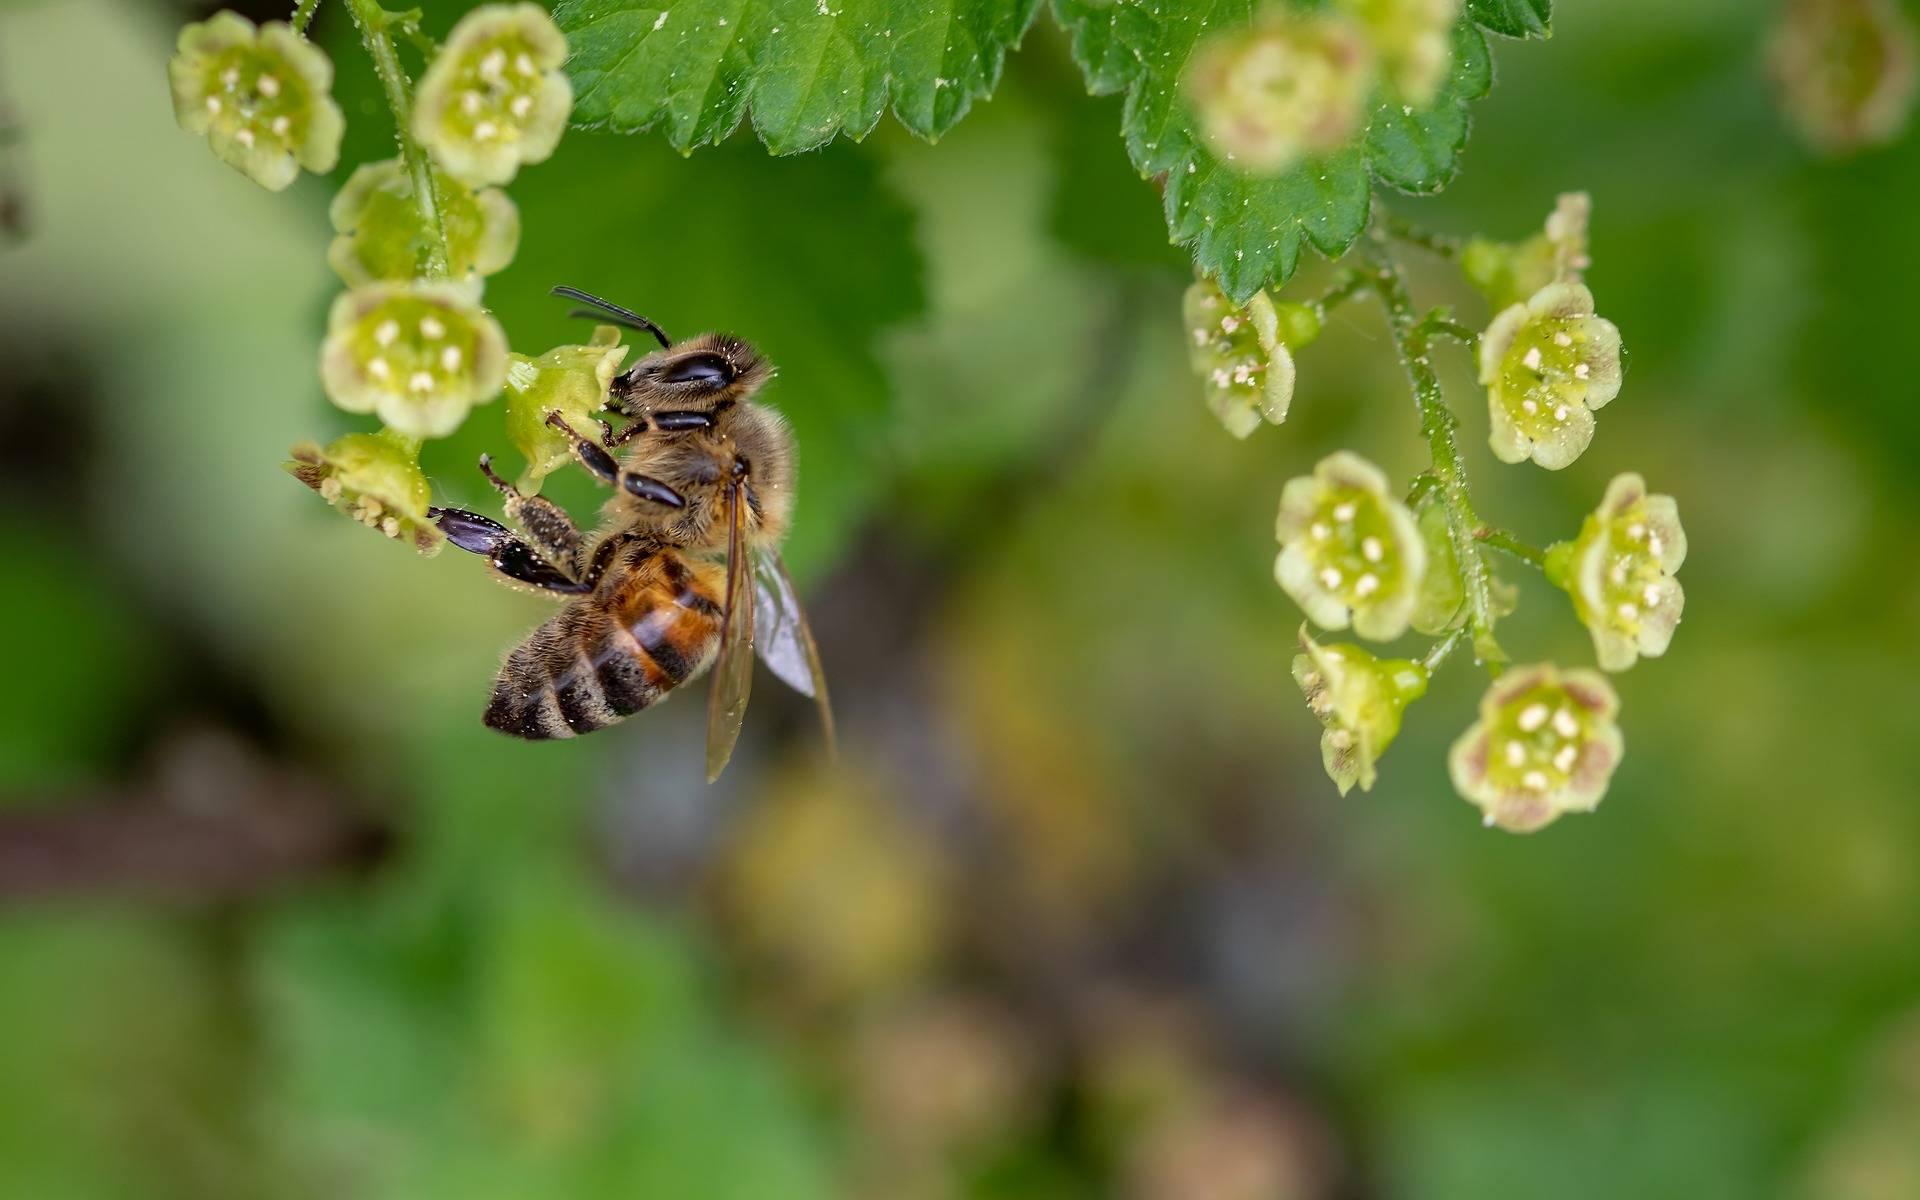 Lek homeopatyczny z żądła pszczoły - apis mellifica.